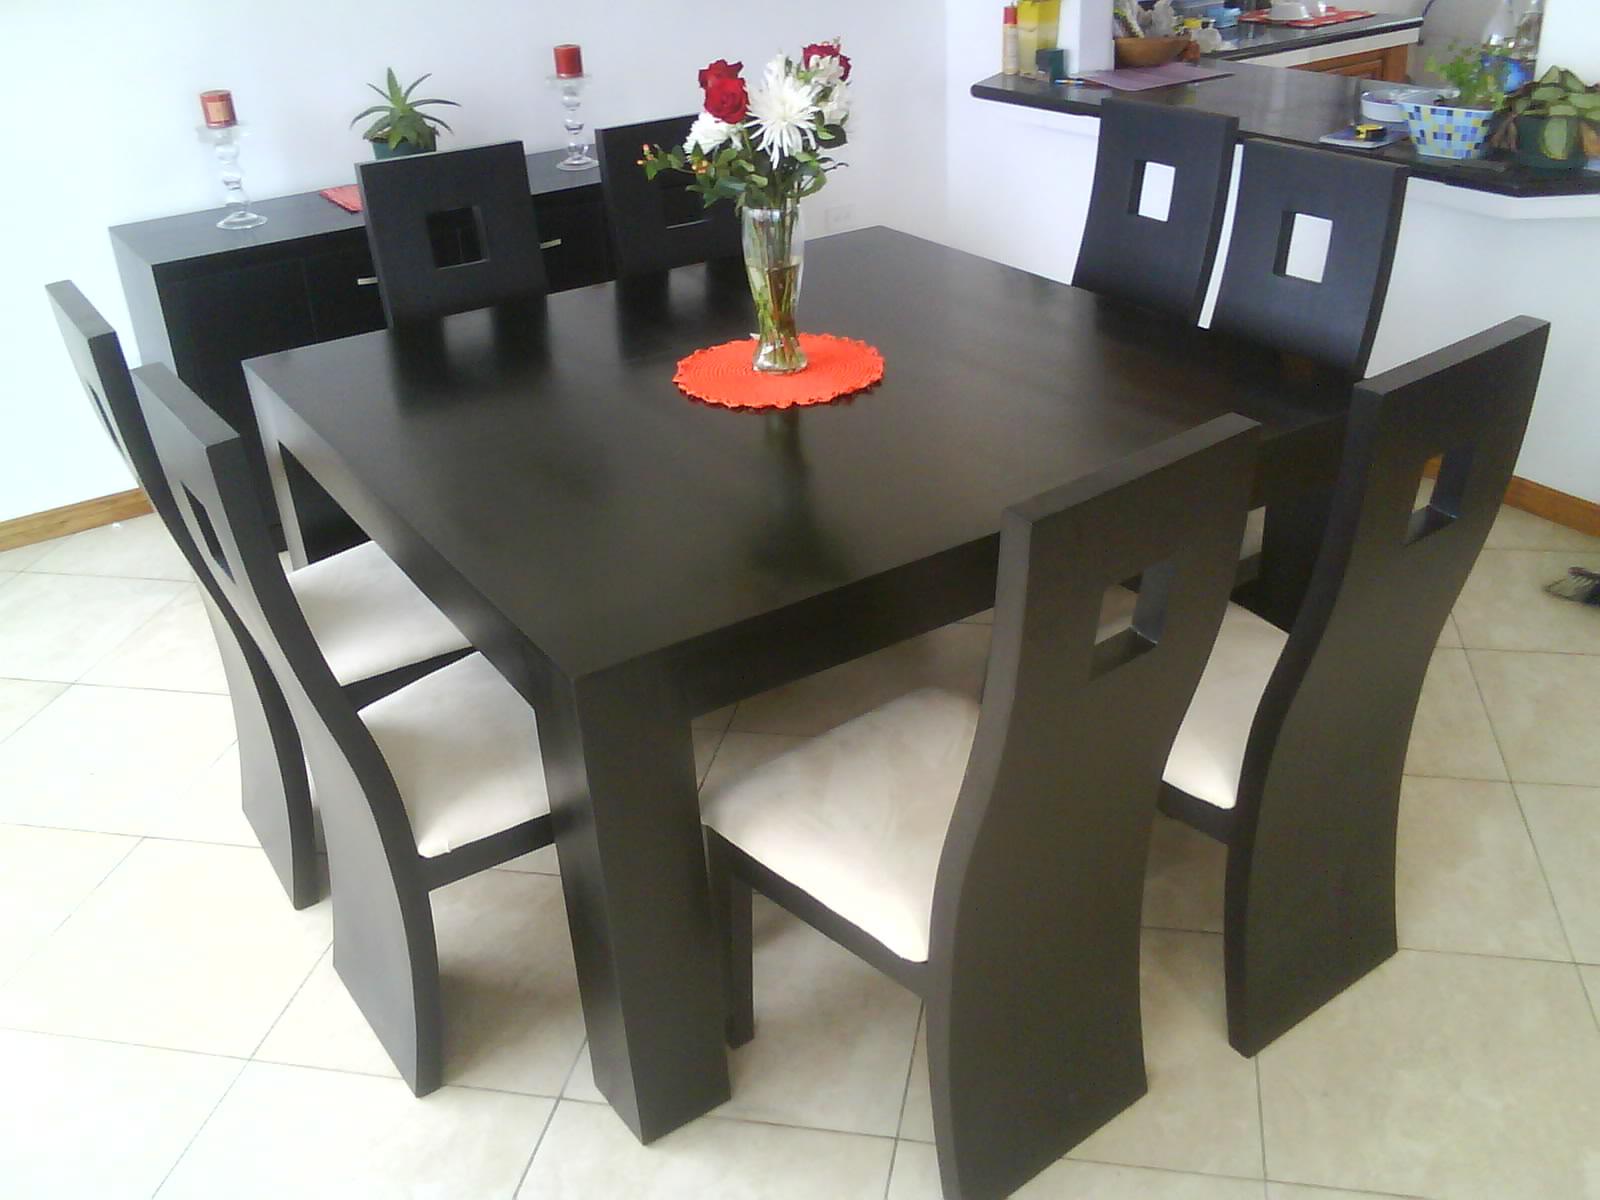 Muebles y decoraci n muebles para el hogar for Muebles y decoracion para el hogar